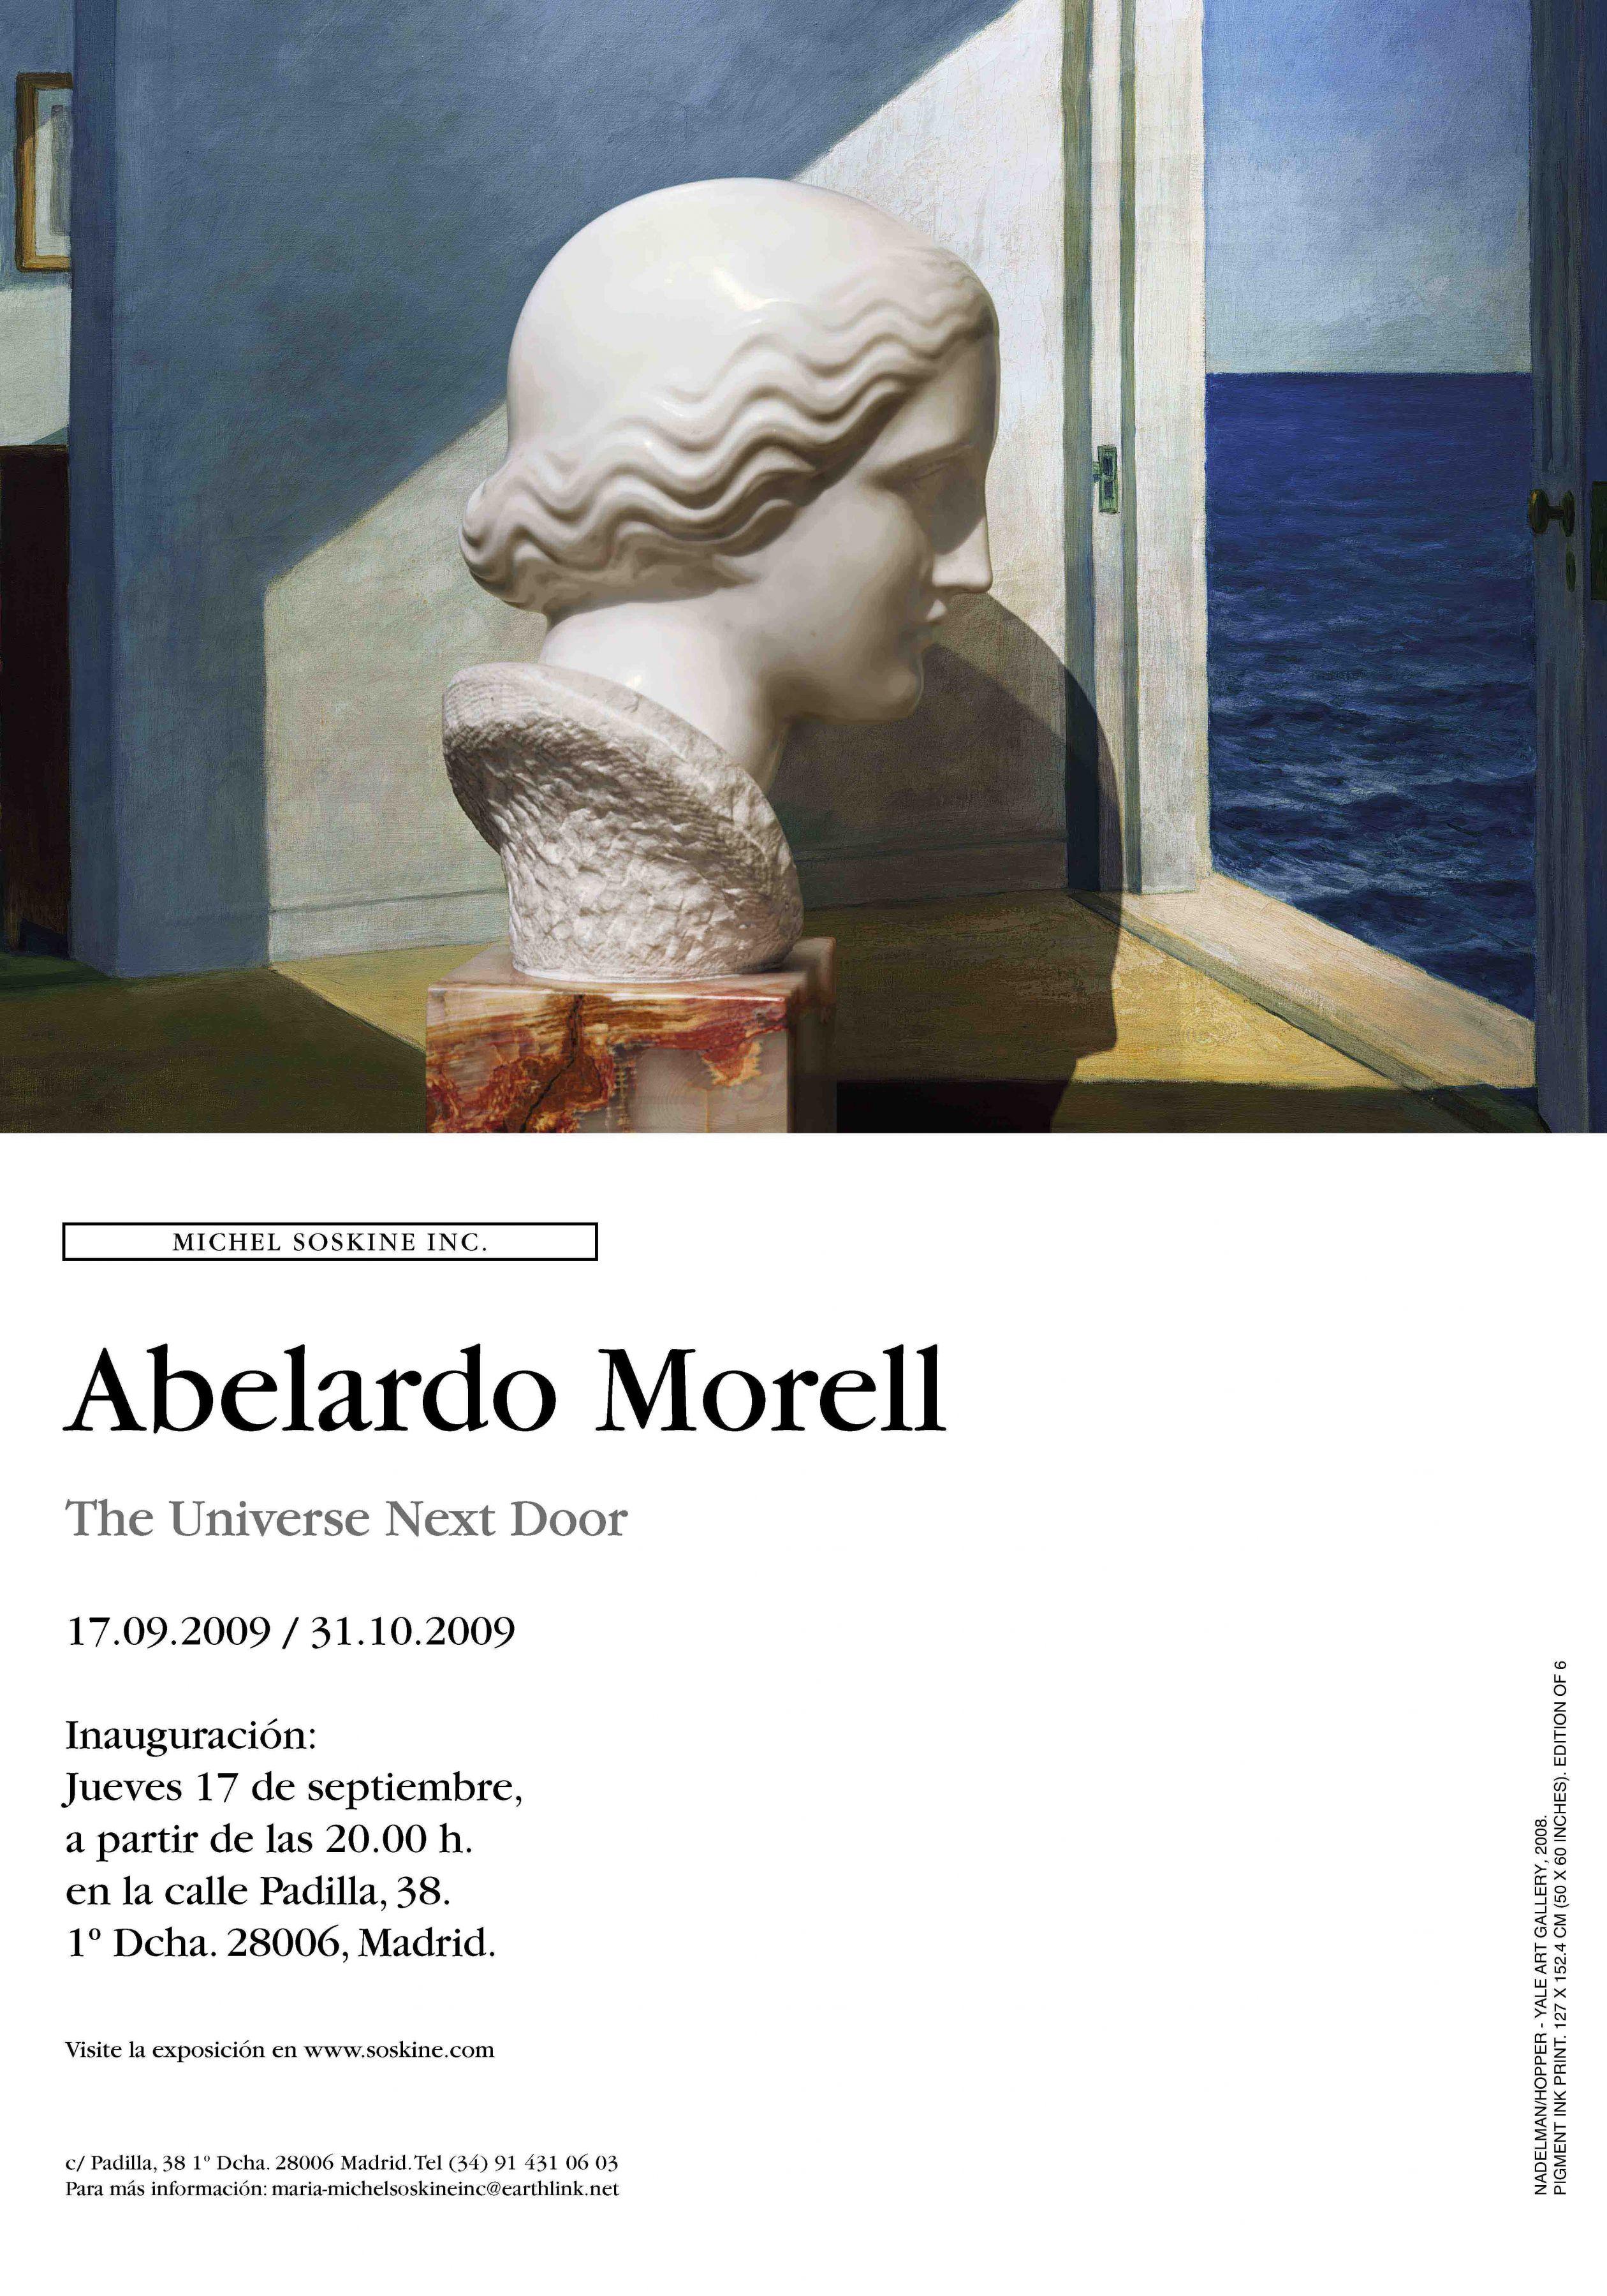 Aberlardo Morell